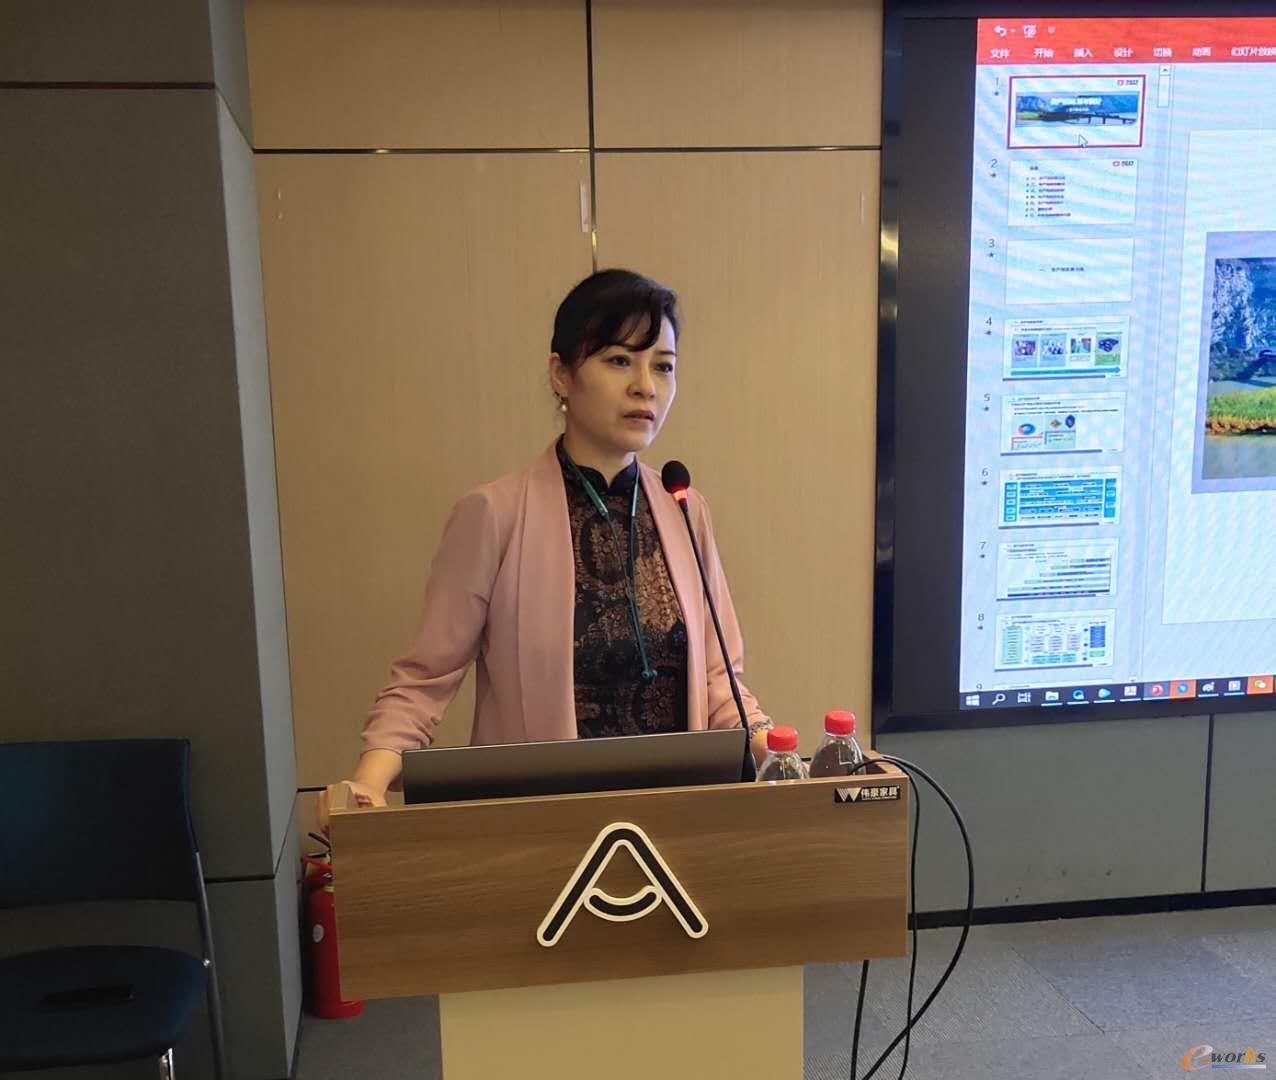 上海中车瑞伯德智能系统股份有限公司智能制造研究院院长常雪梅